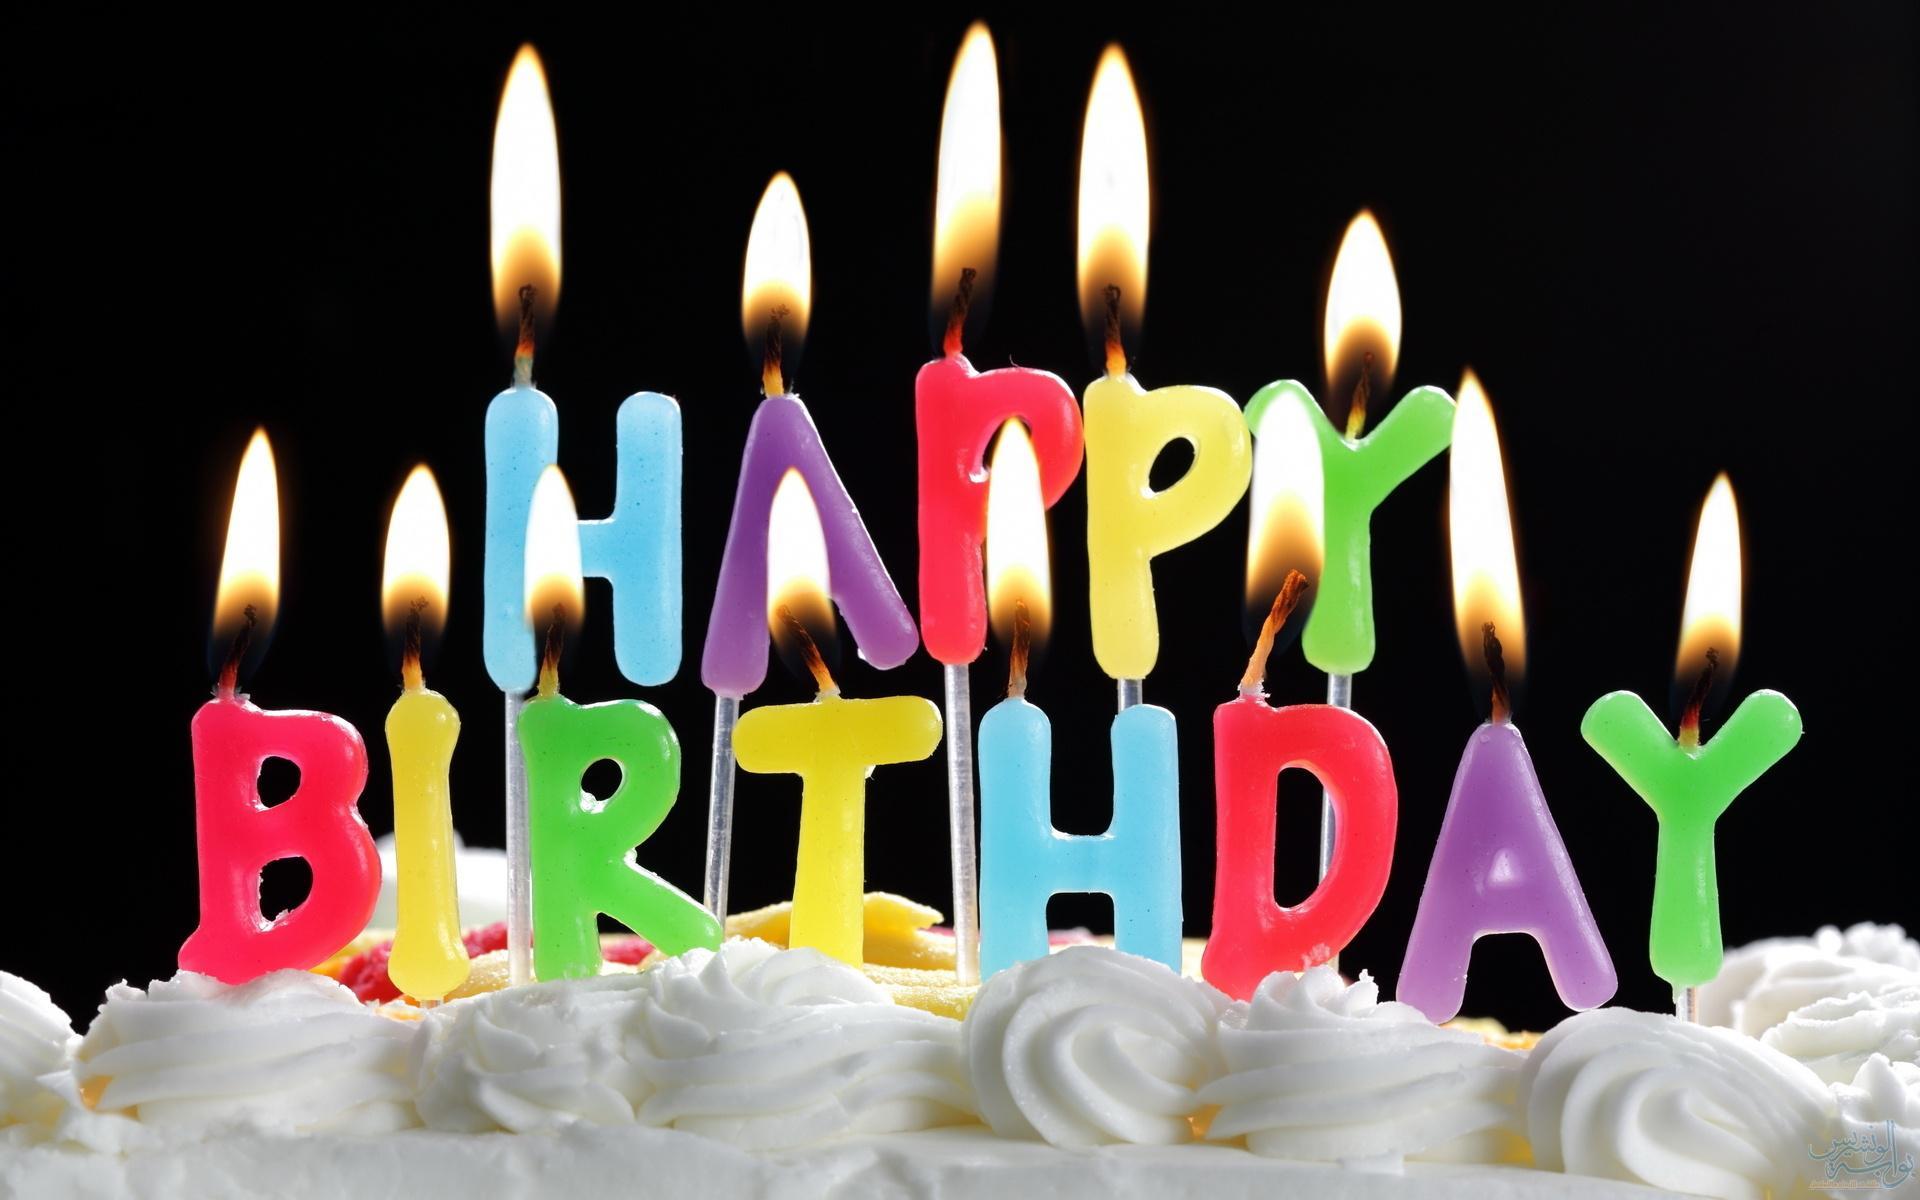 ��� ����� ����� happy birthday 2014 , ��� ����� ���� ������� 2014 happy birthday